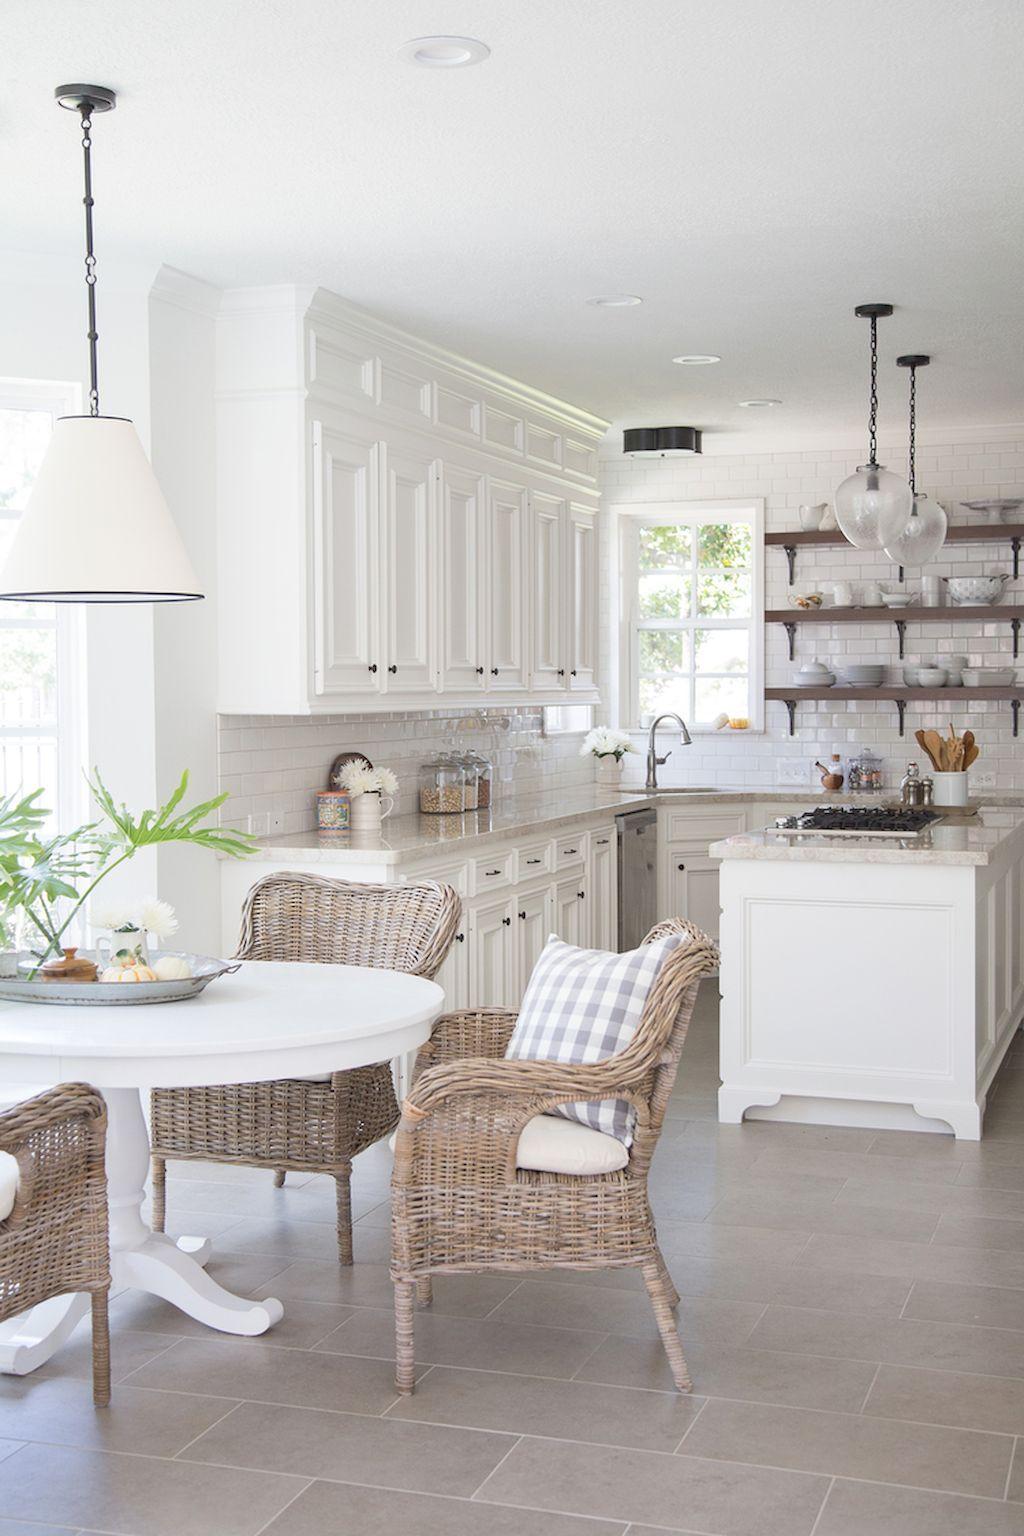 Cool 90 Awesome Farmhouse Kitchen Decor Ideas https://wholiving.com/90-awesome-farmhouse-kitchen-decor-ideas